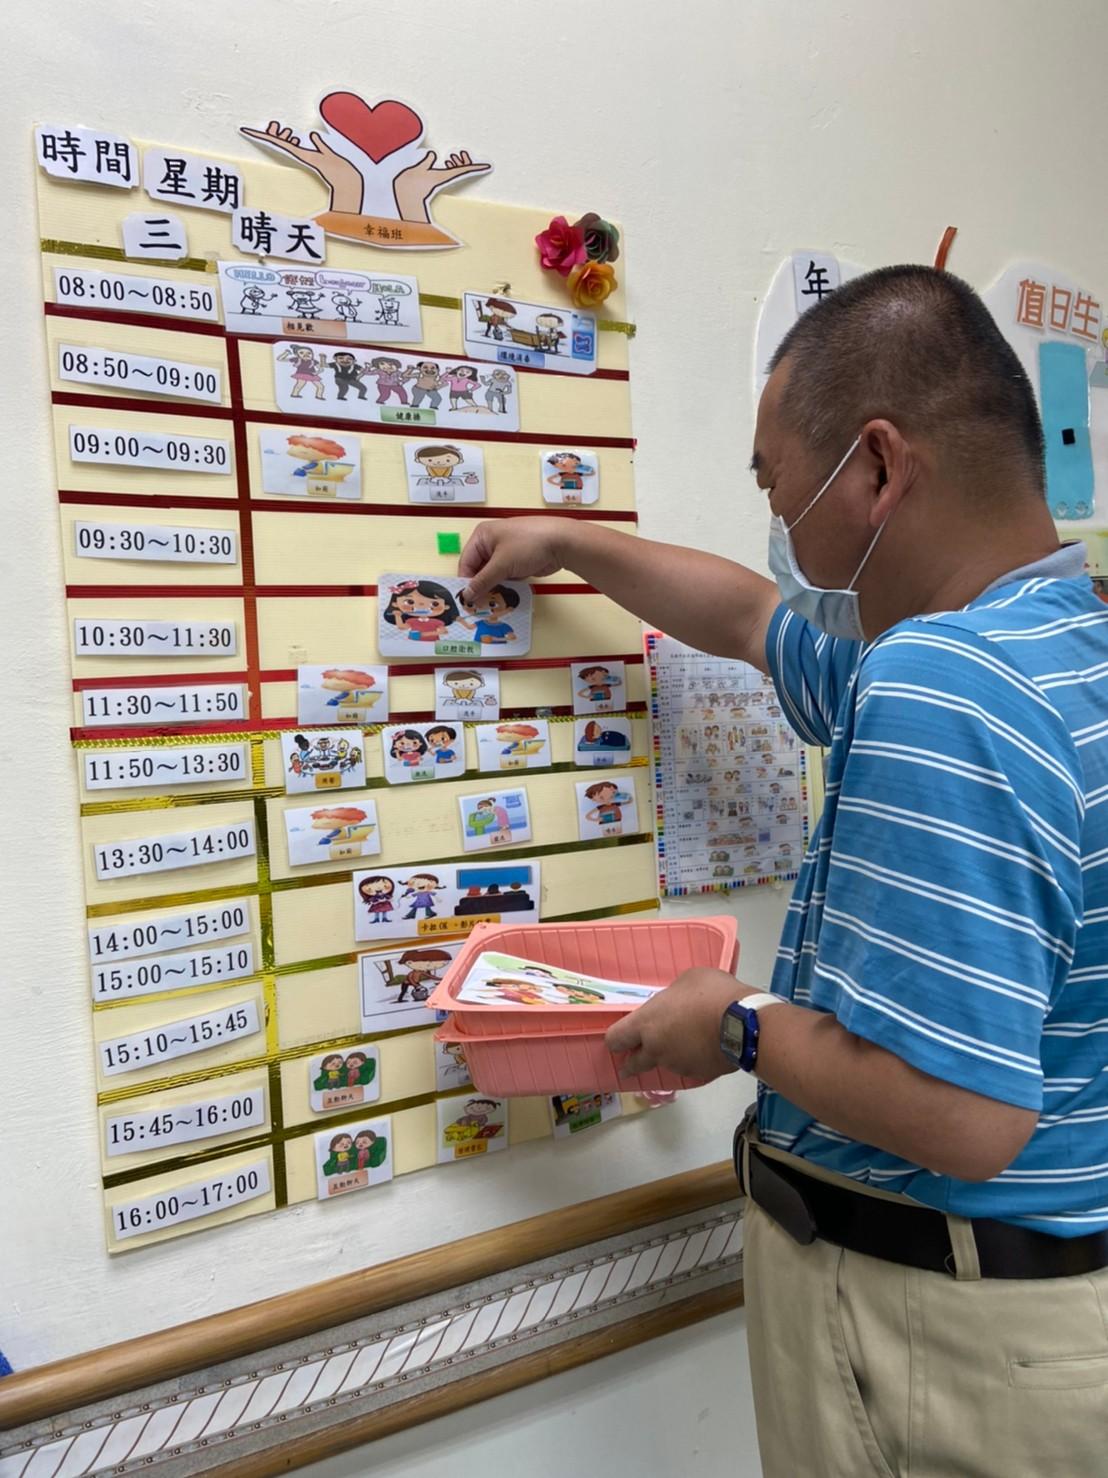 無障礙之家提供-中度心智障礙的阿銘,自行排定作息表